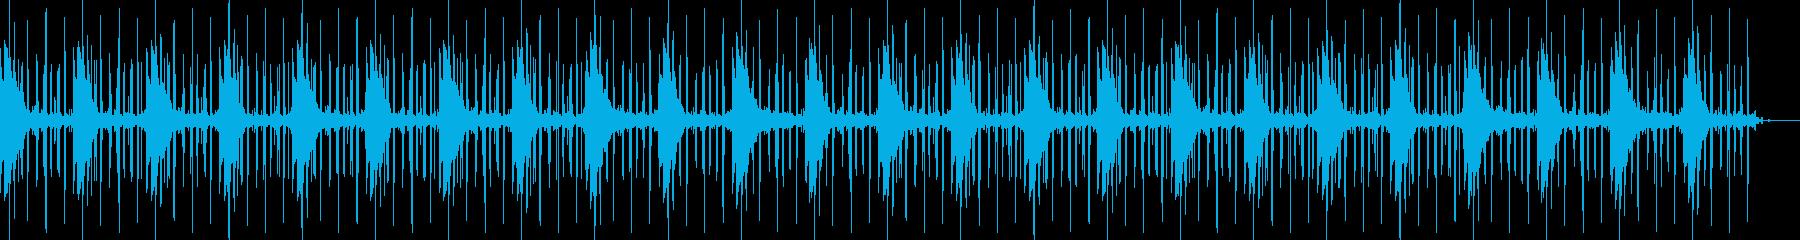 穏やかリラックスくつろぐ神秘的チルアウトの再生済みの波形